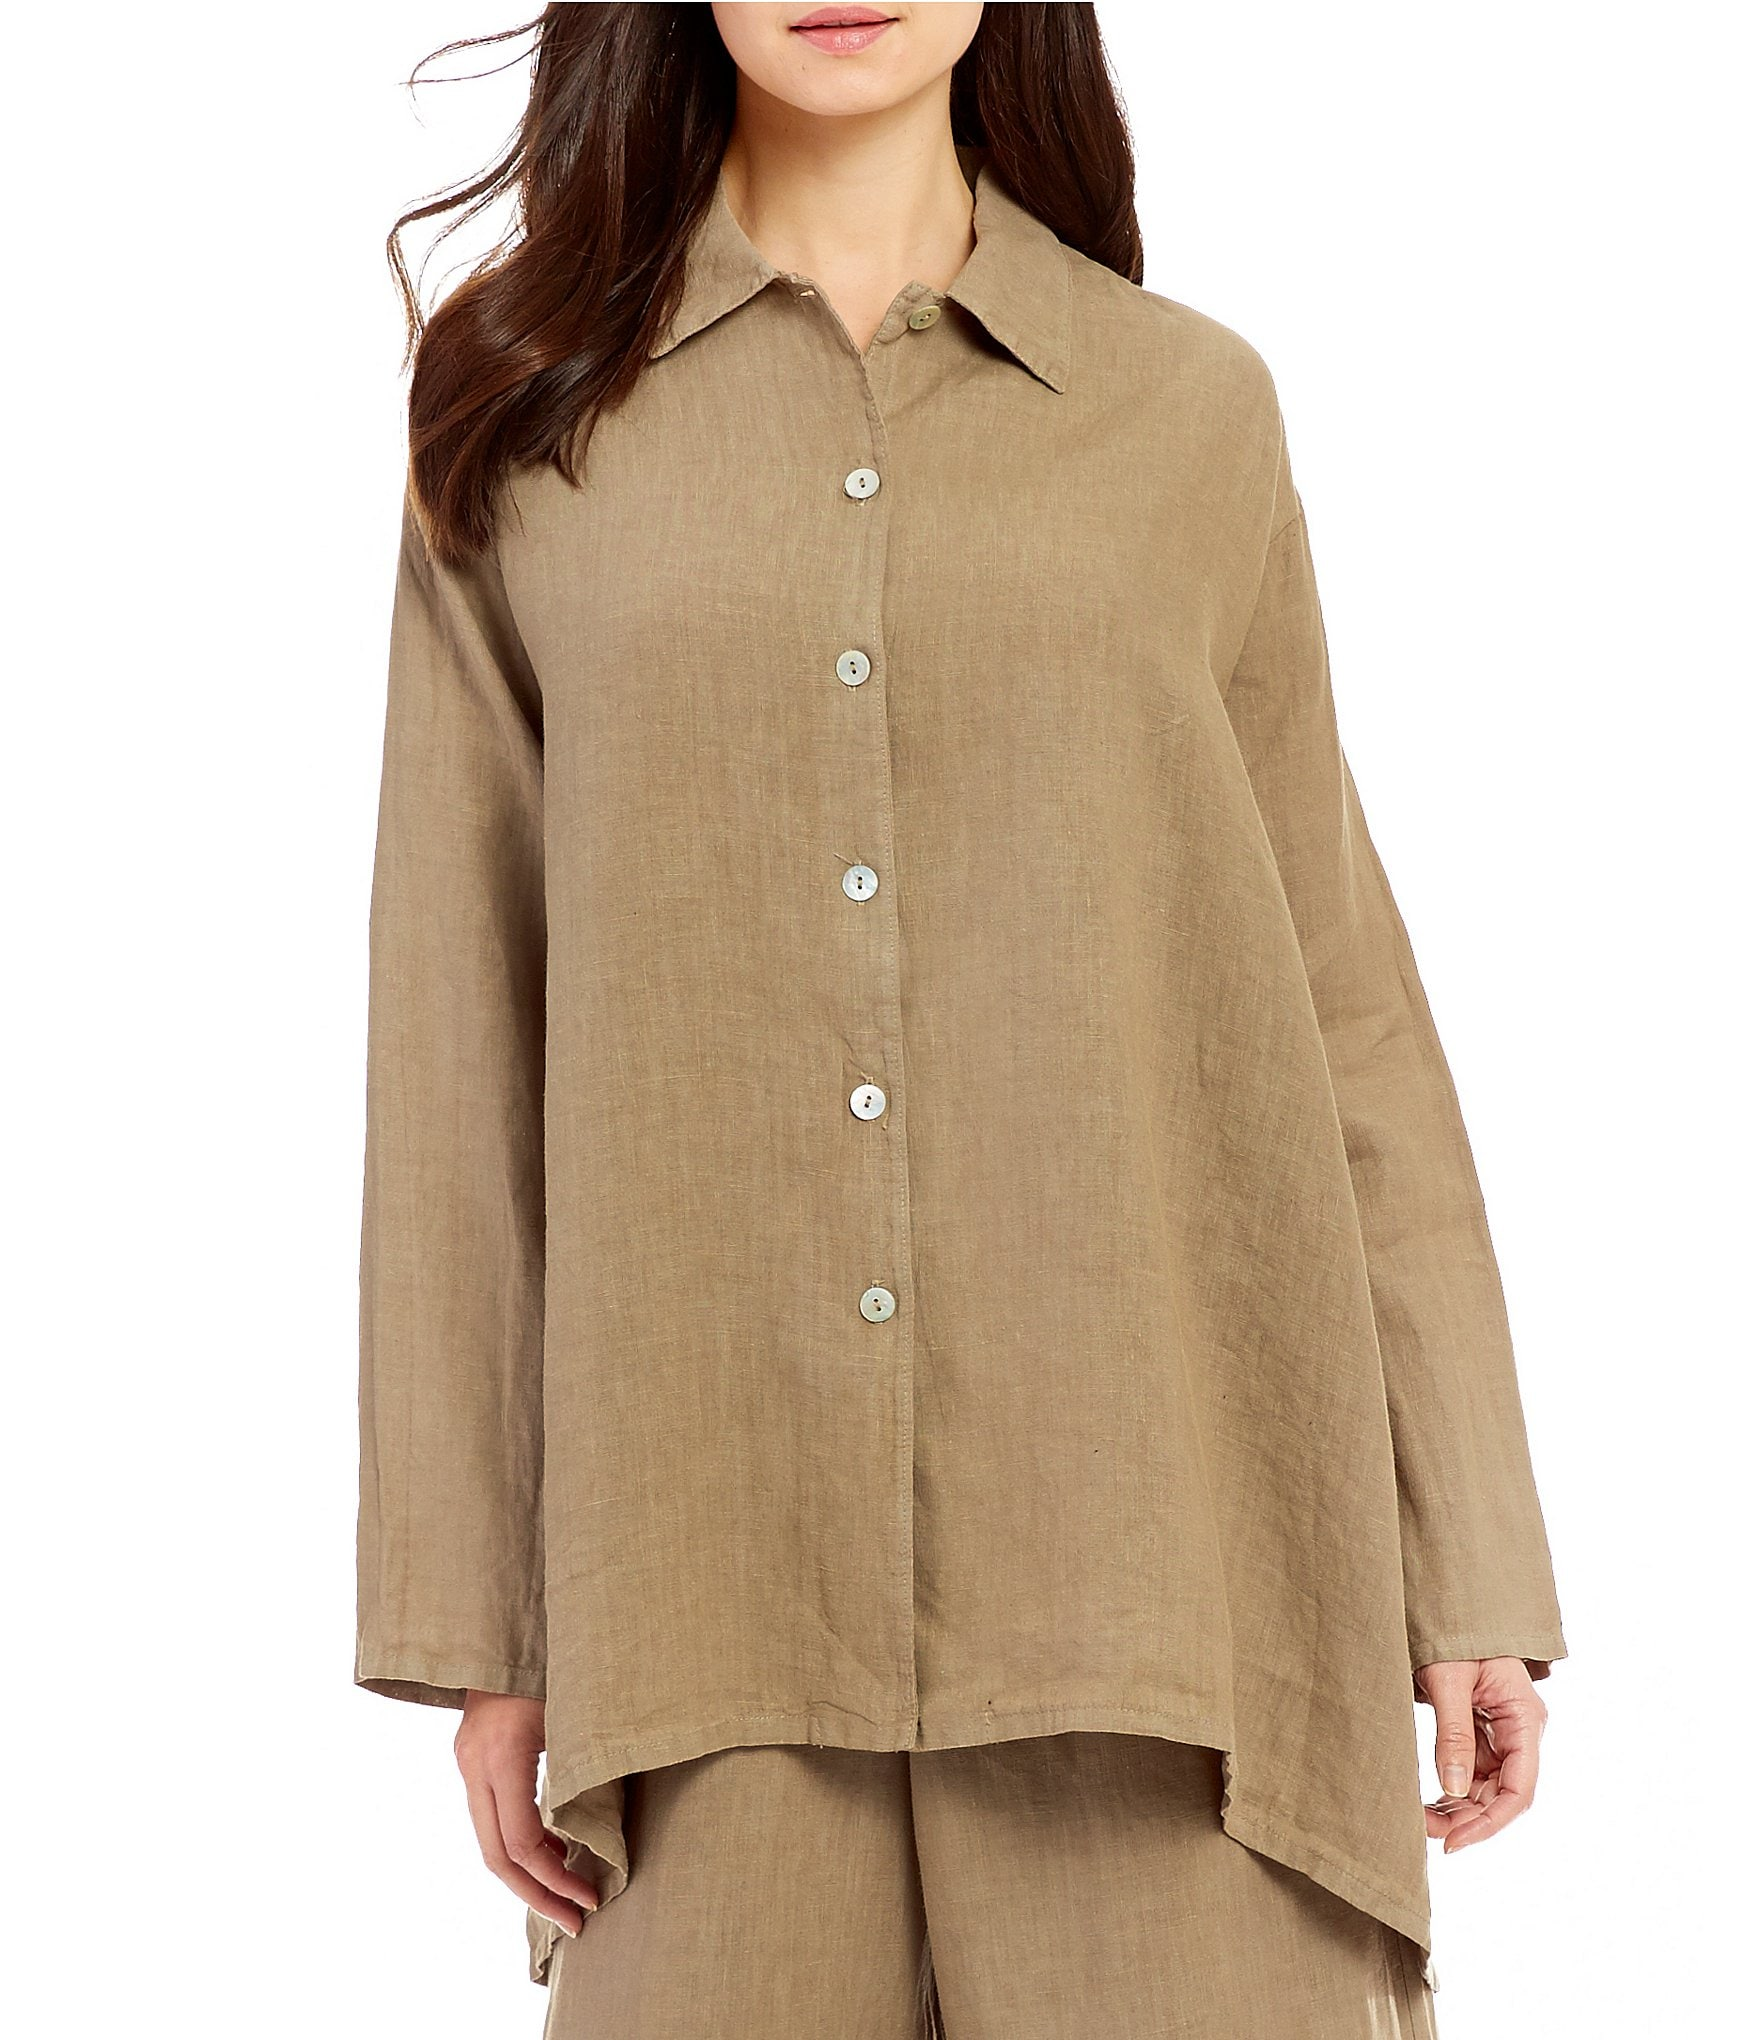 Bryn Walker Light Linen Mirren Shirt